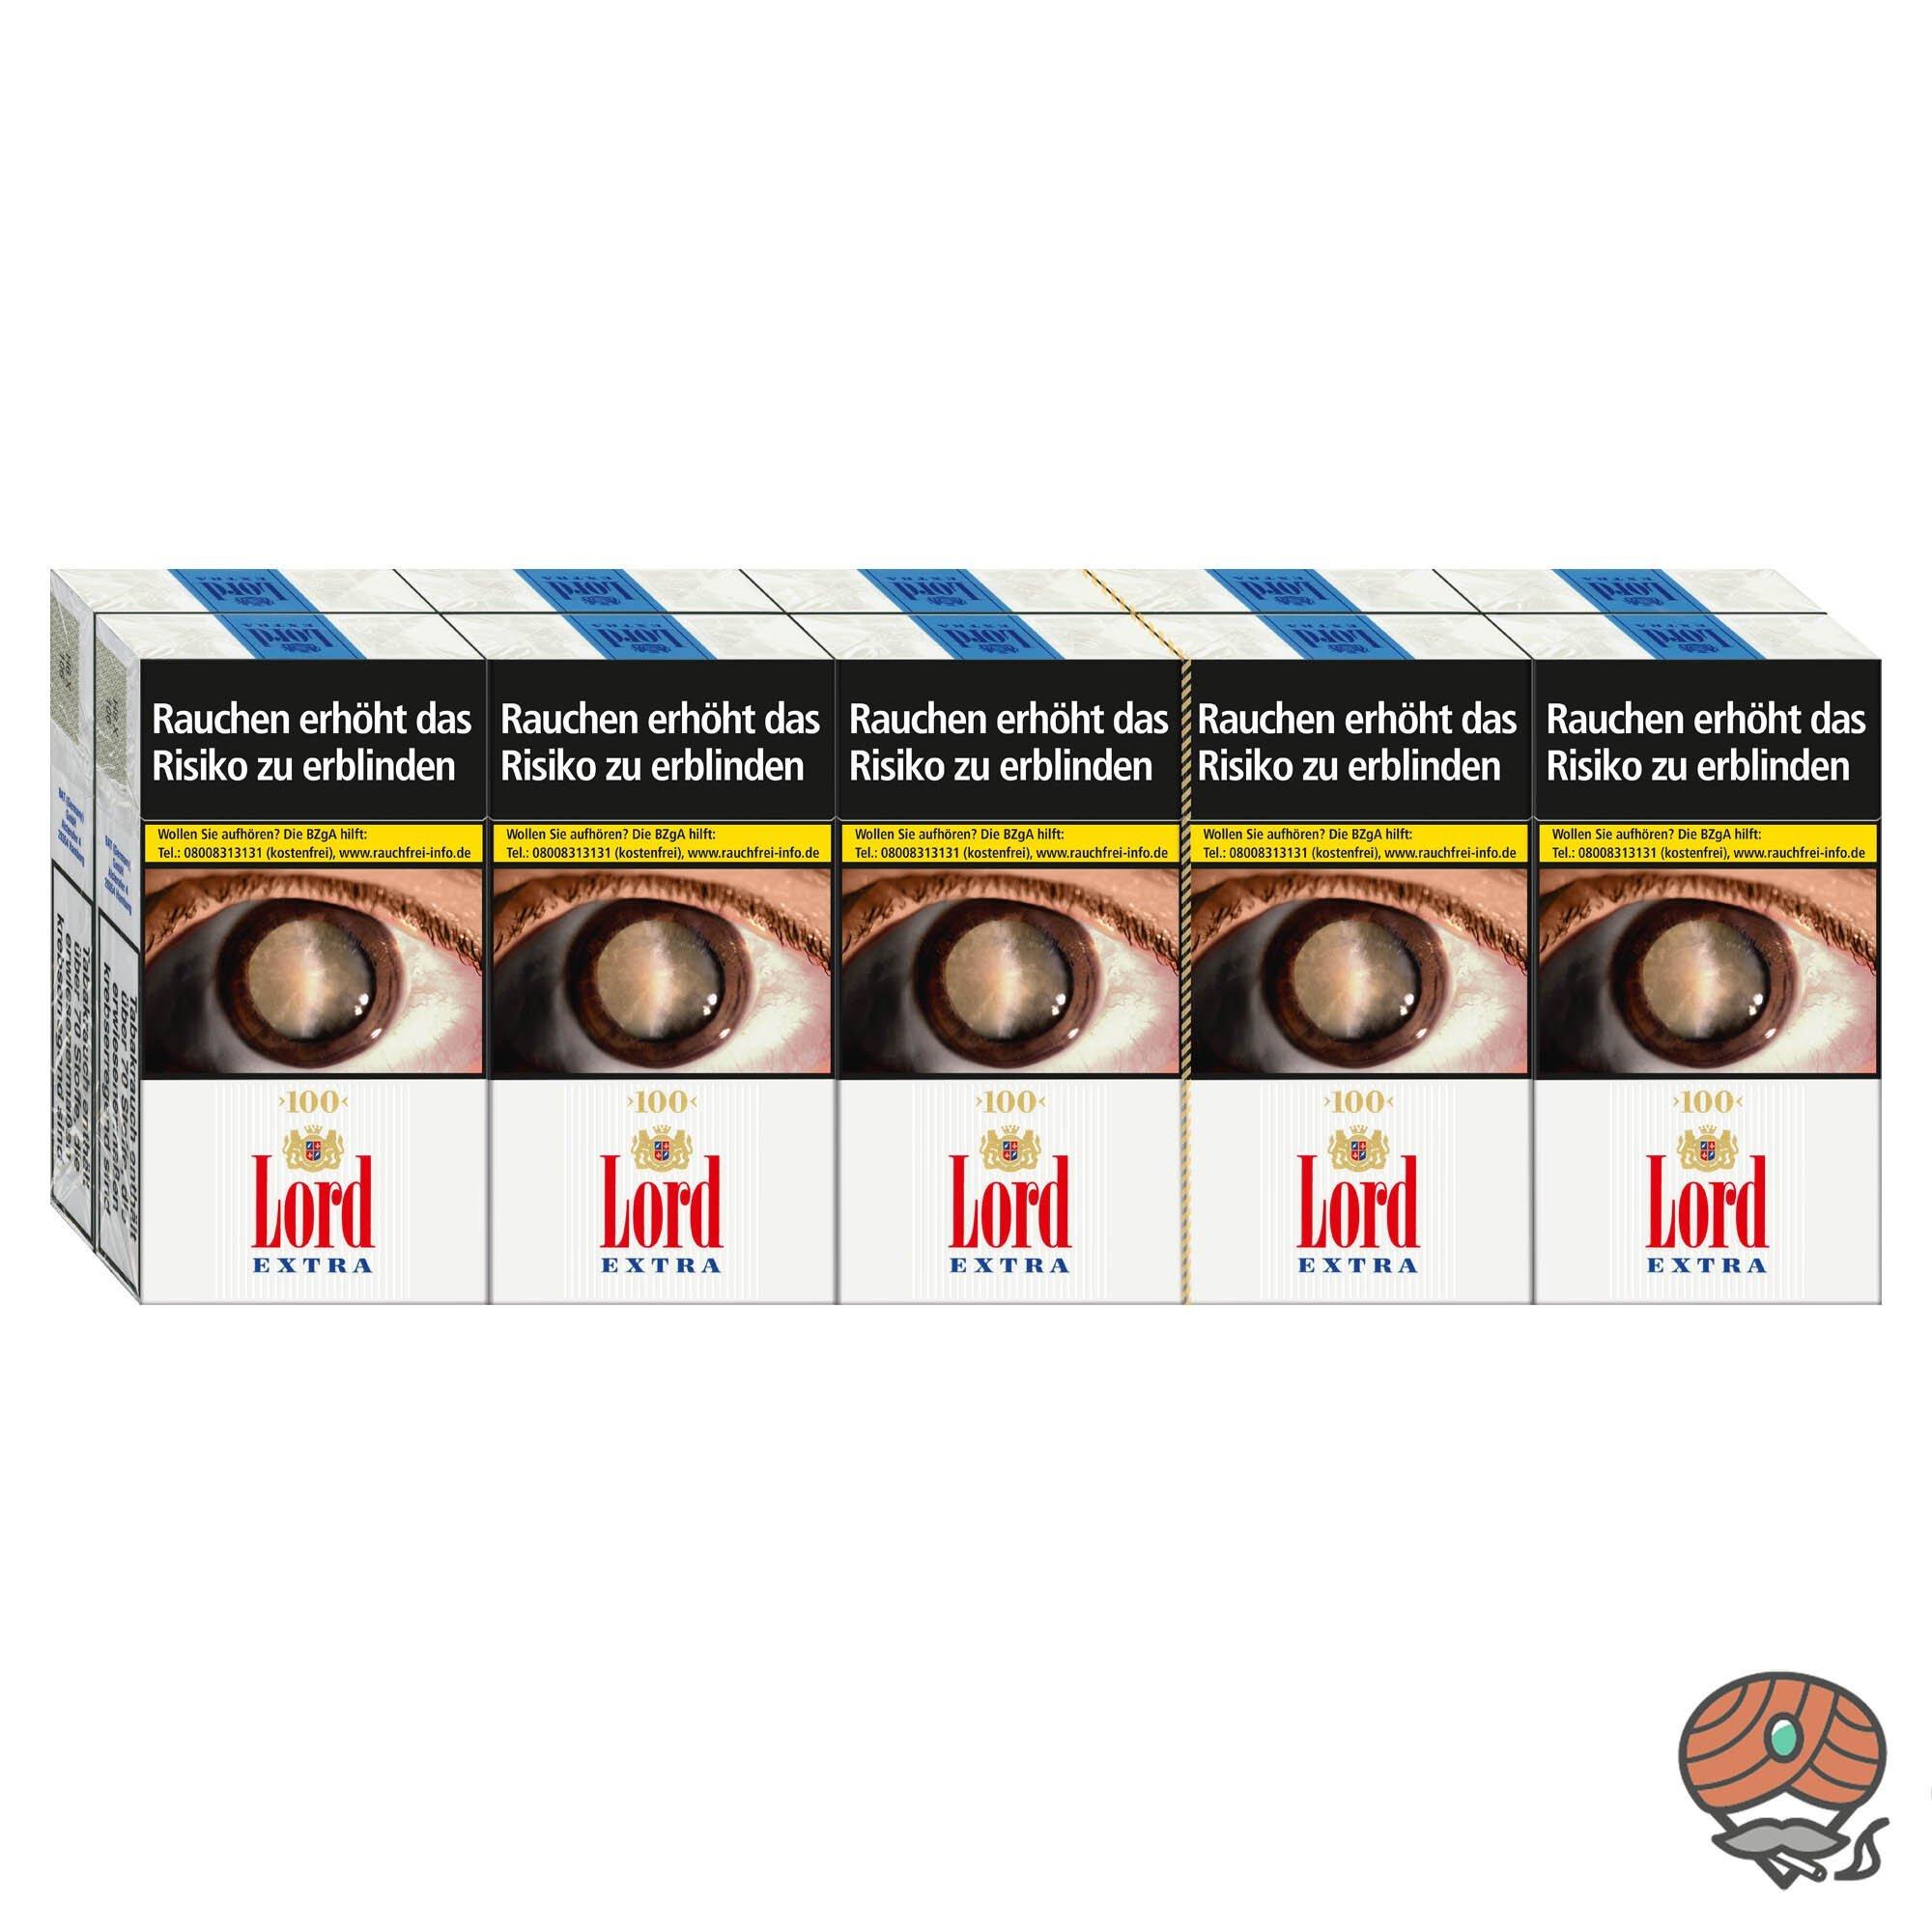 Stange Lord Extra Zigaretten L-Box King Size 10x 20 Stück